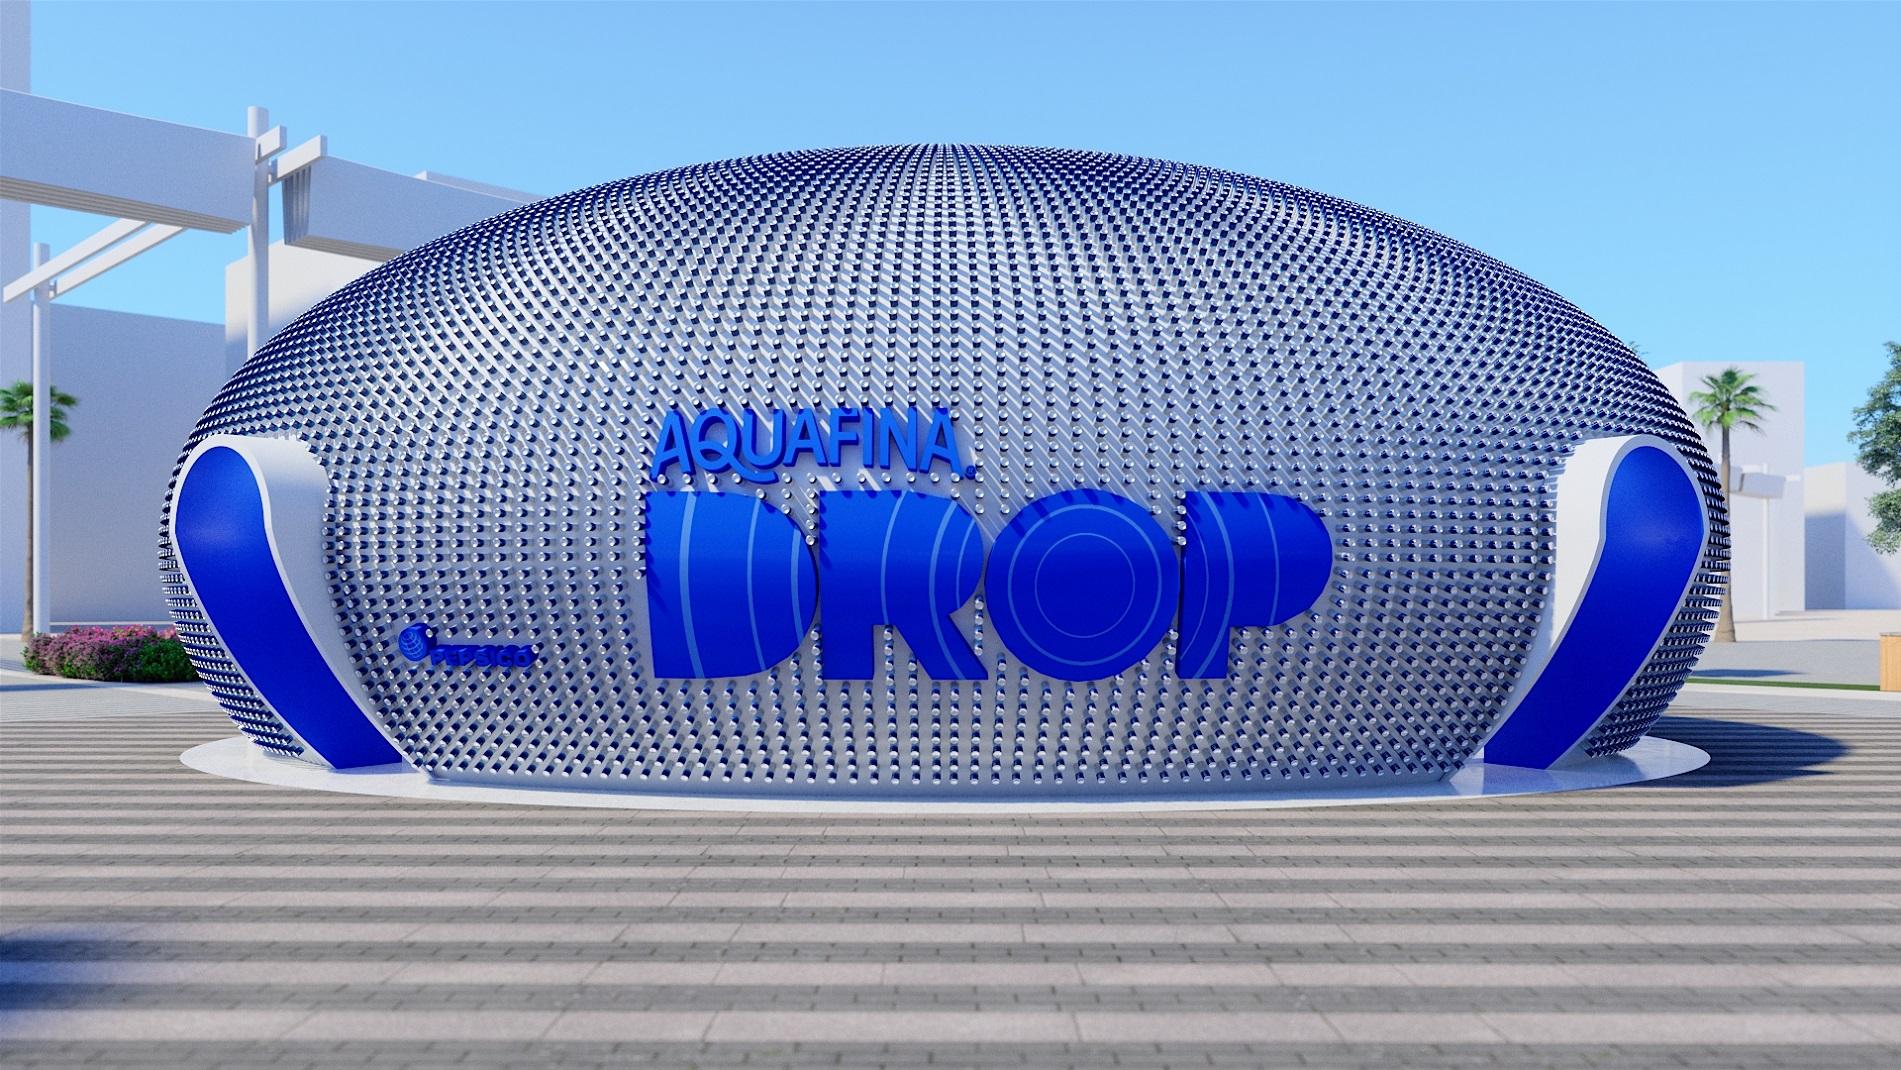 PepsiCo Expo 2020 Dubai